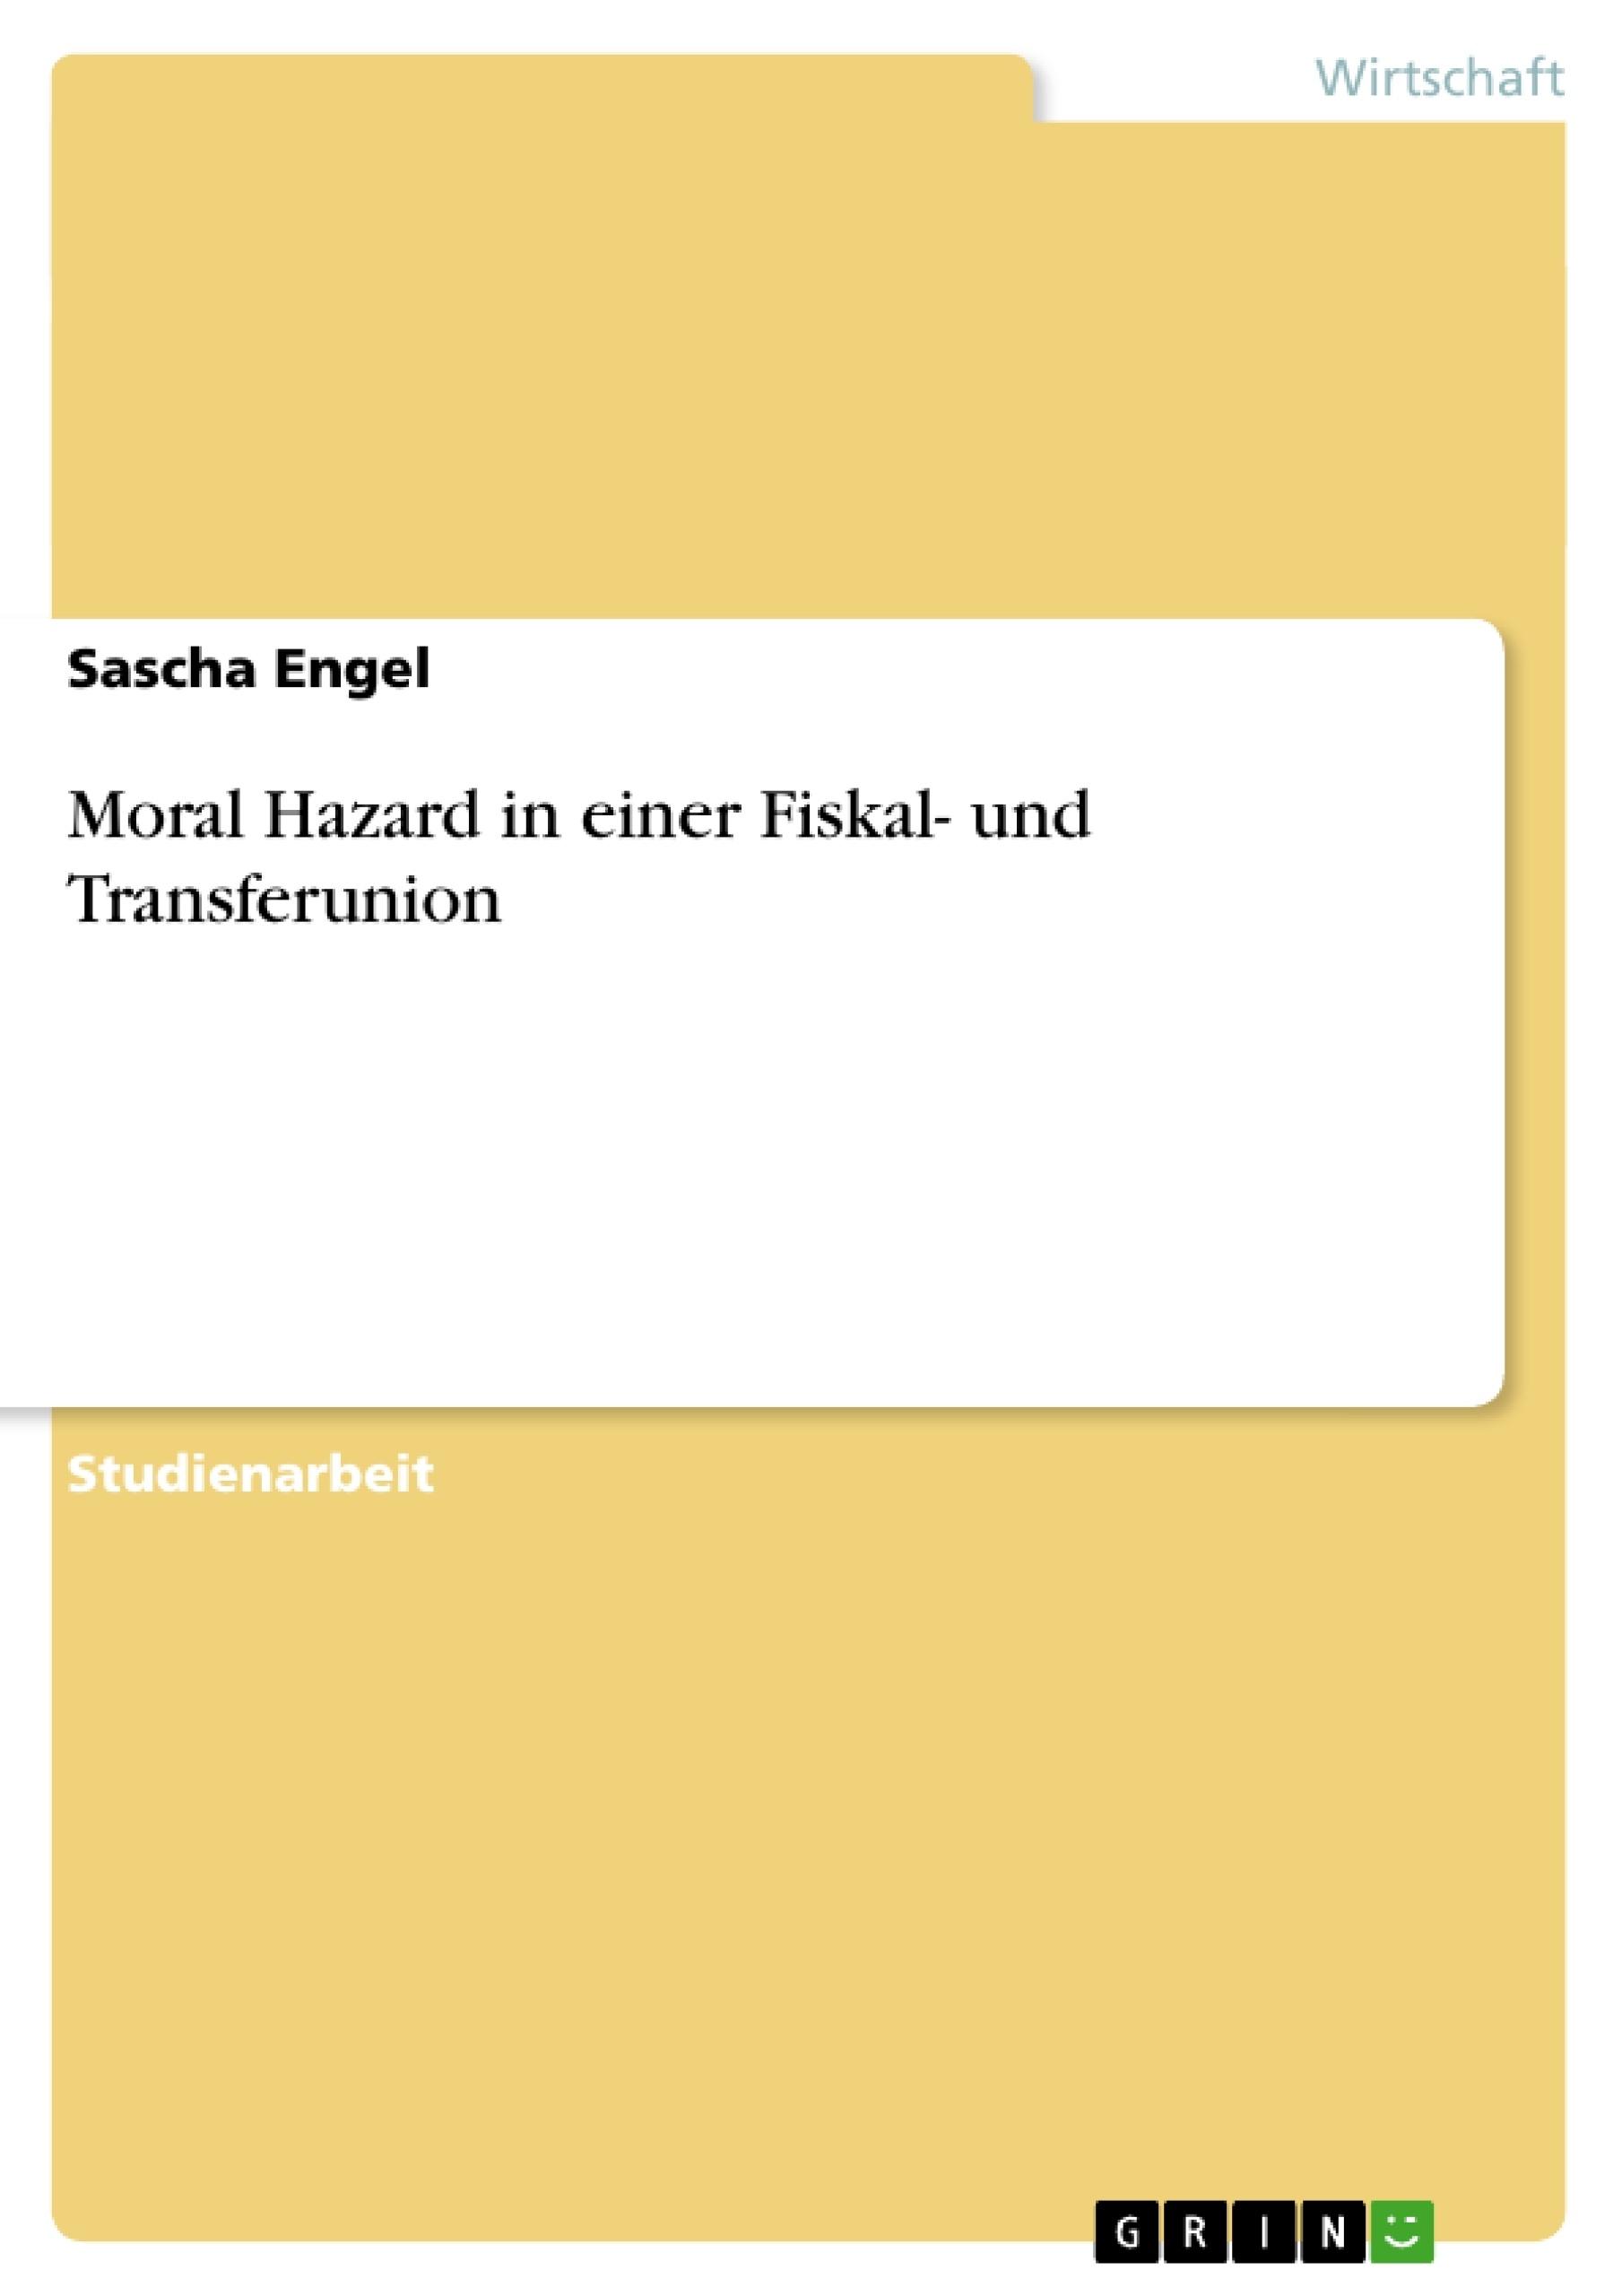 Titel: Moral Hazard in einer Fiskal- und Transferunion